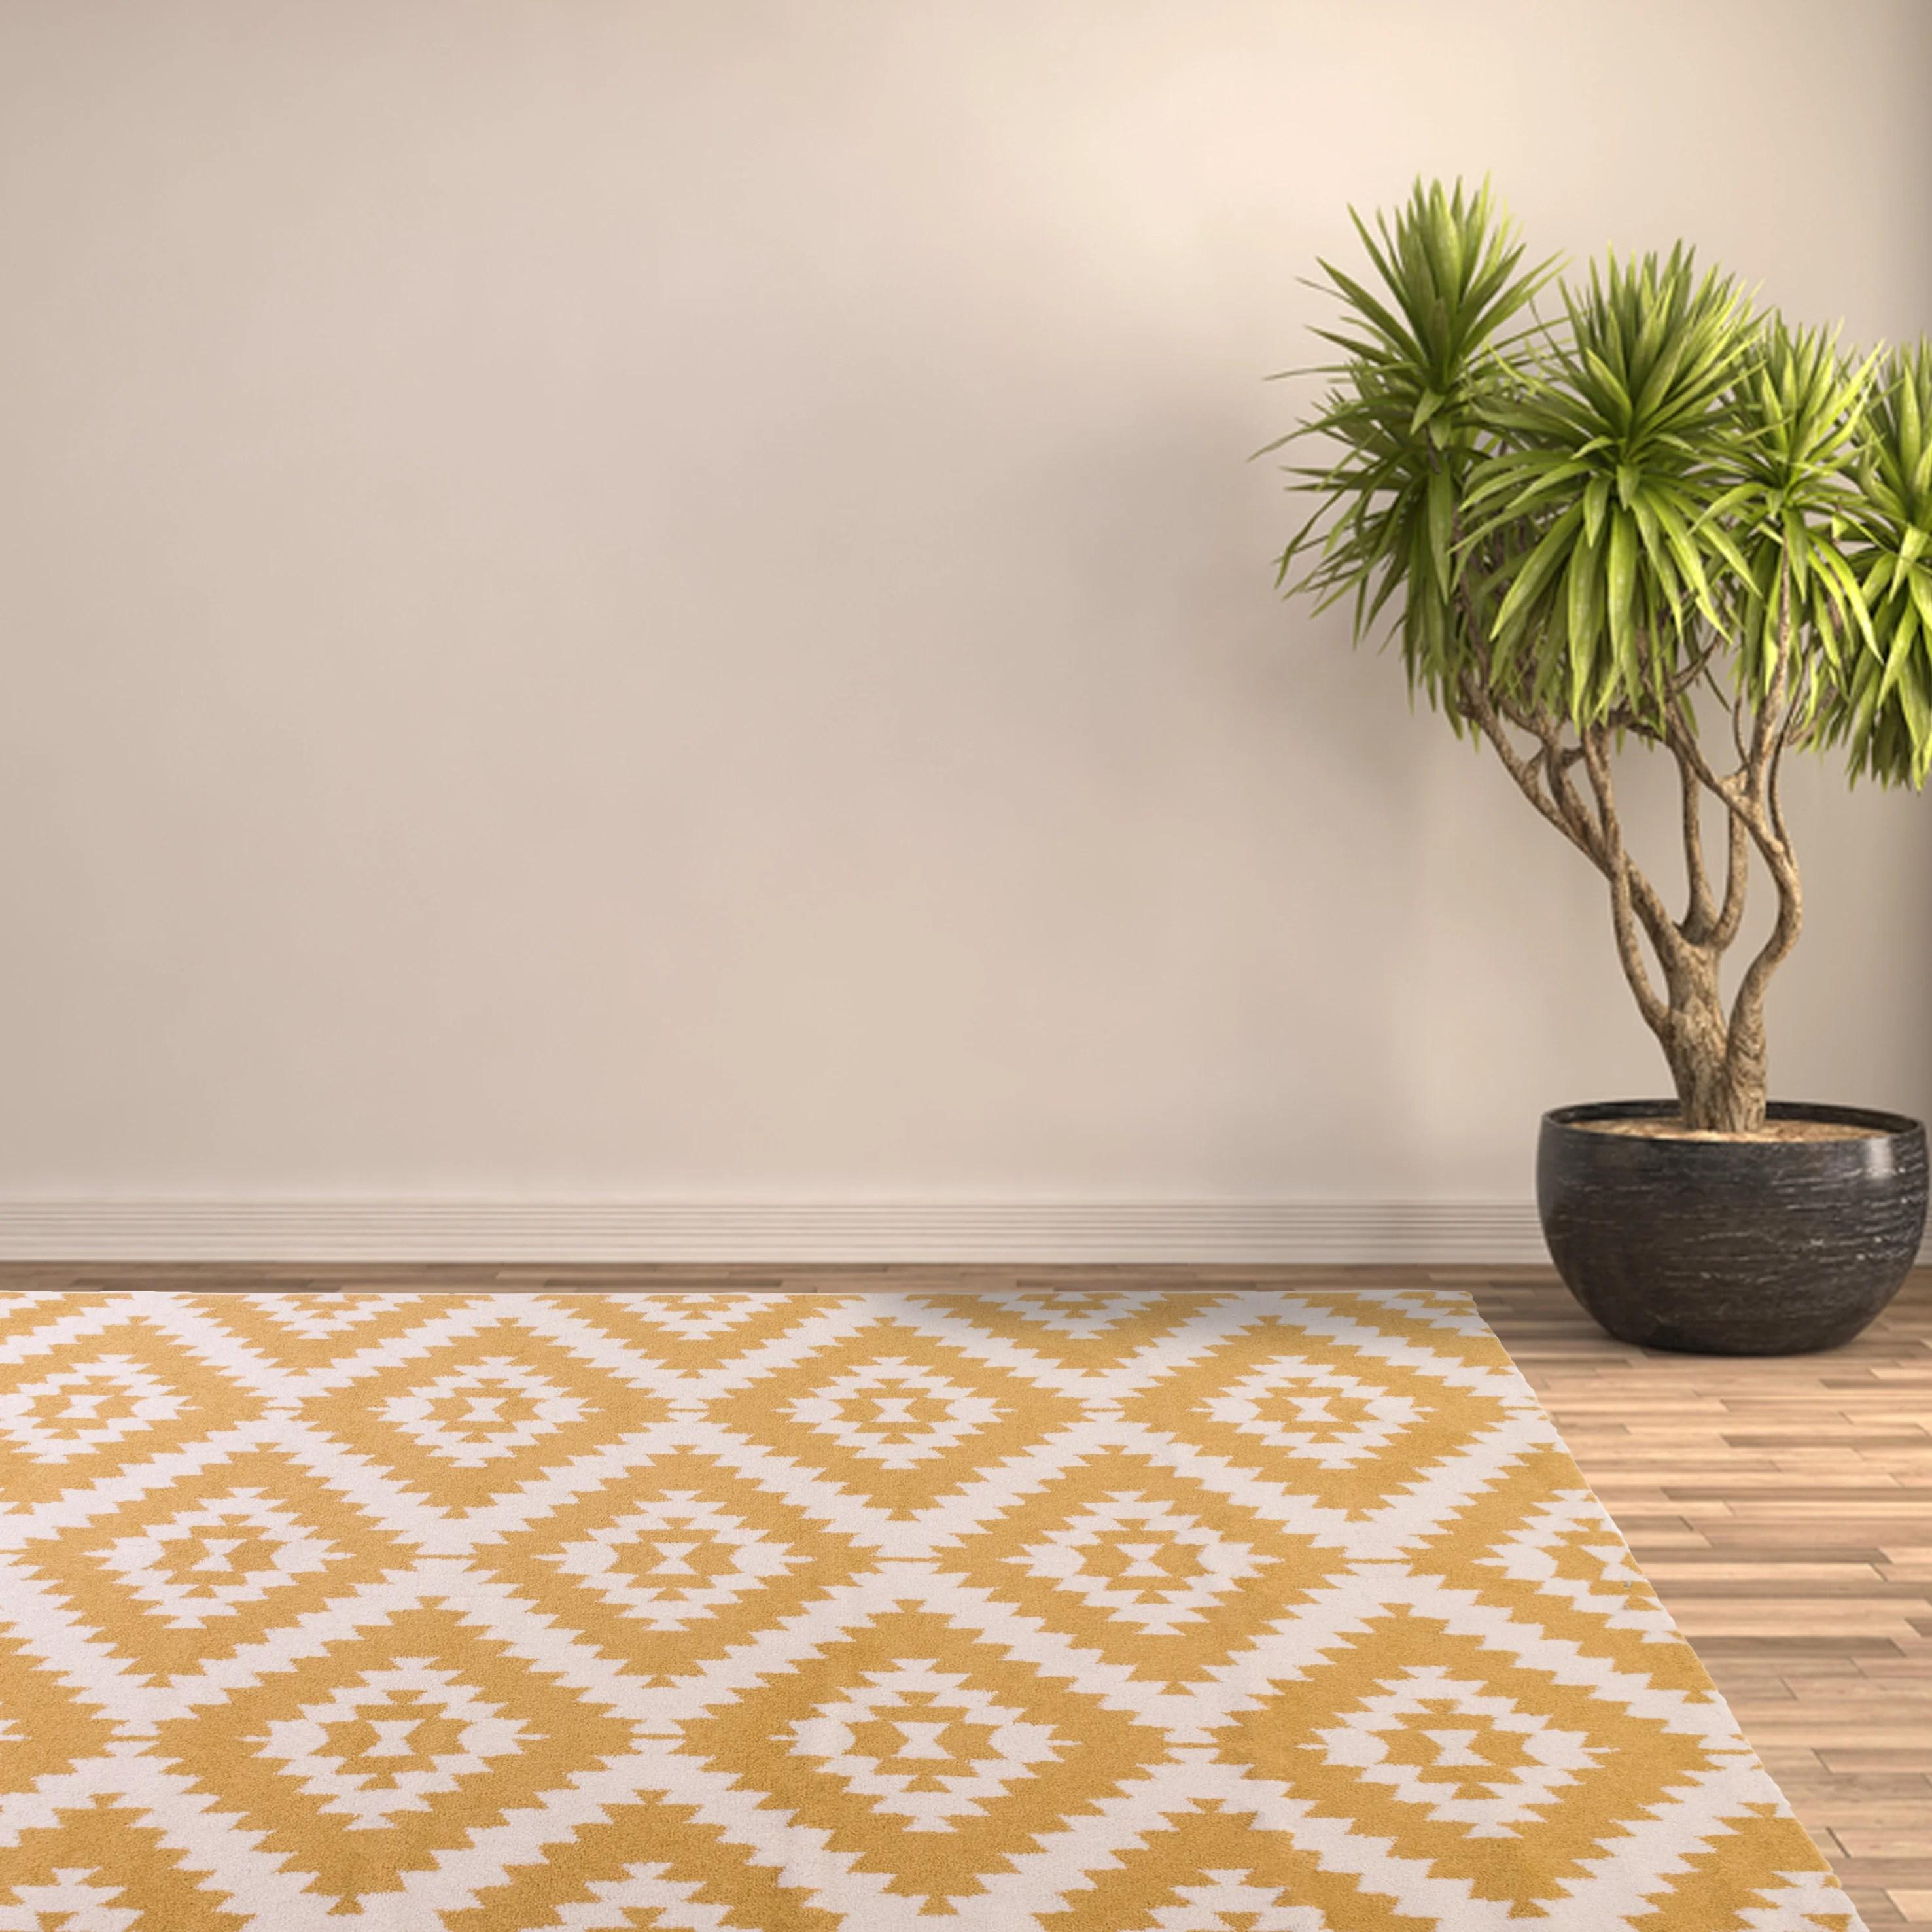 tapis jaune rectangulaire l 150 x l 200 cm ikat